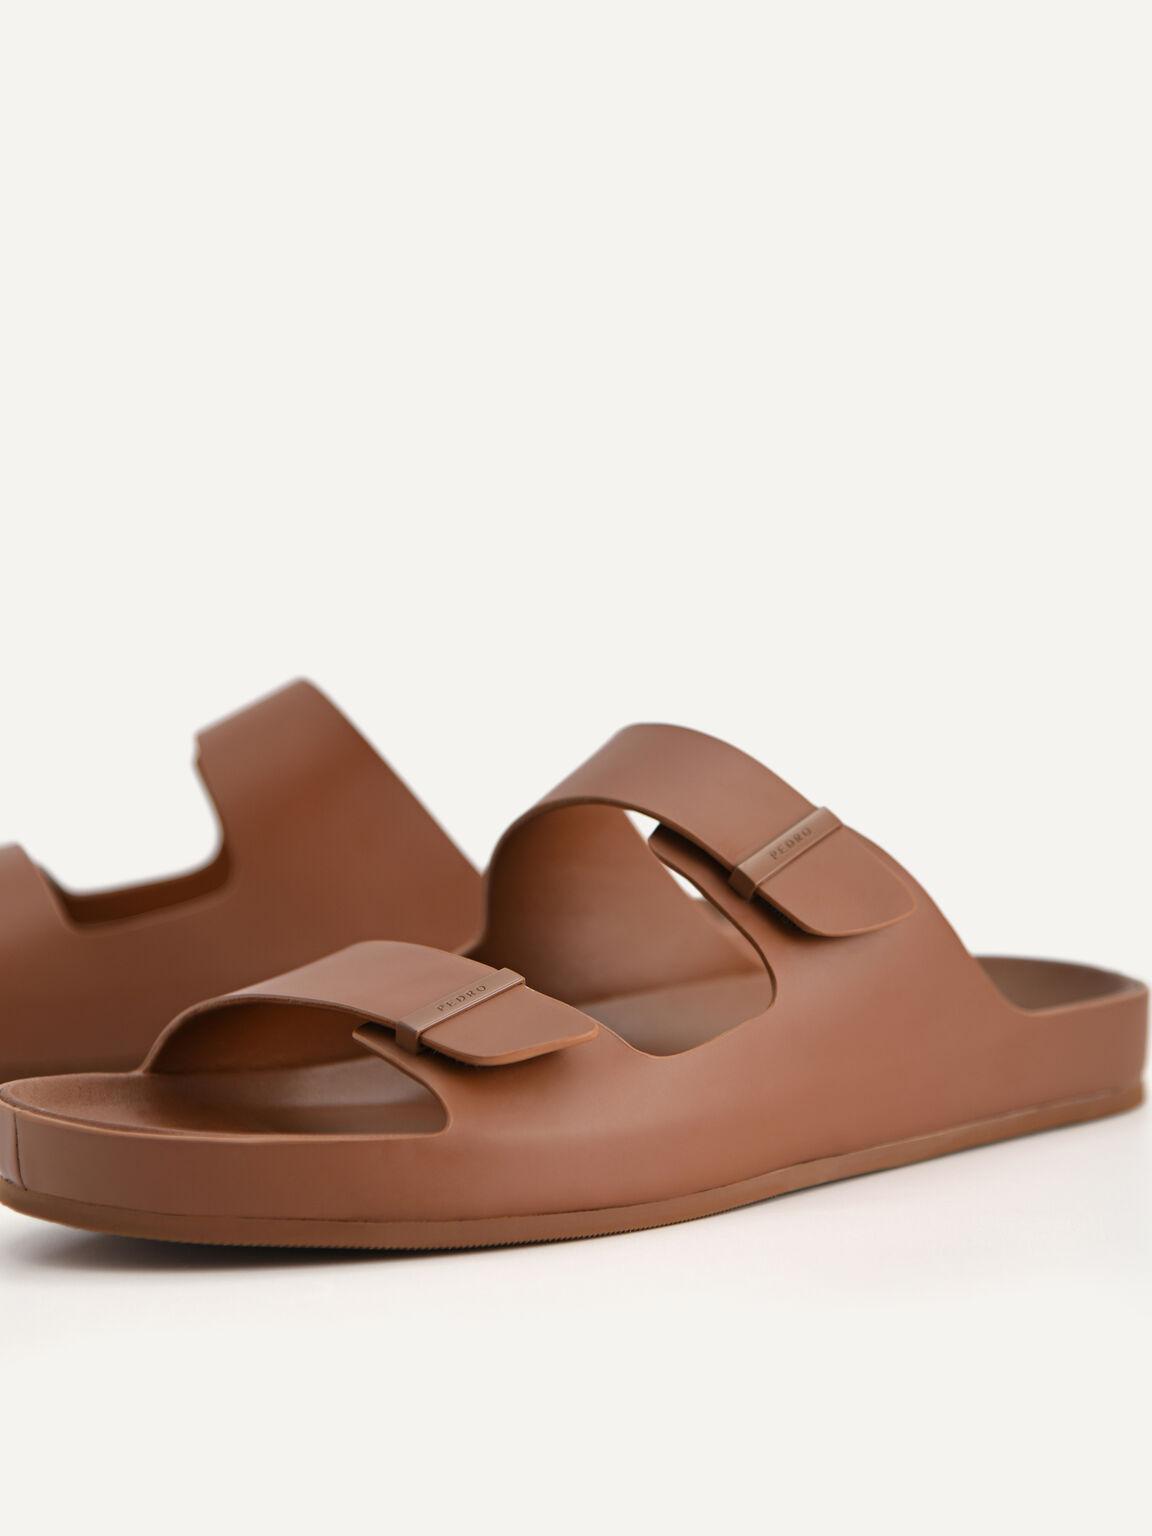 雙綁帶涼鞋, 棕色, hi-res